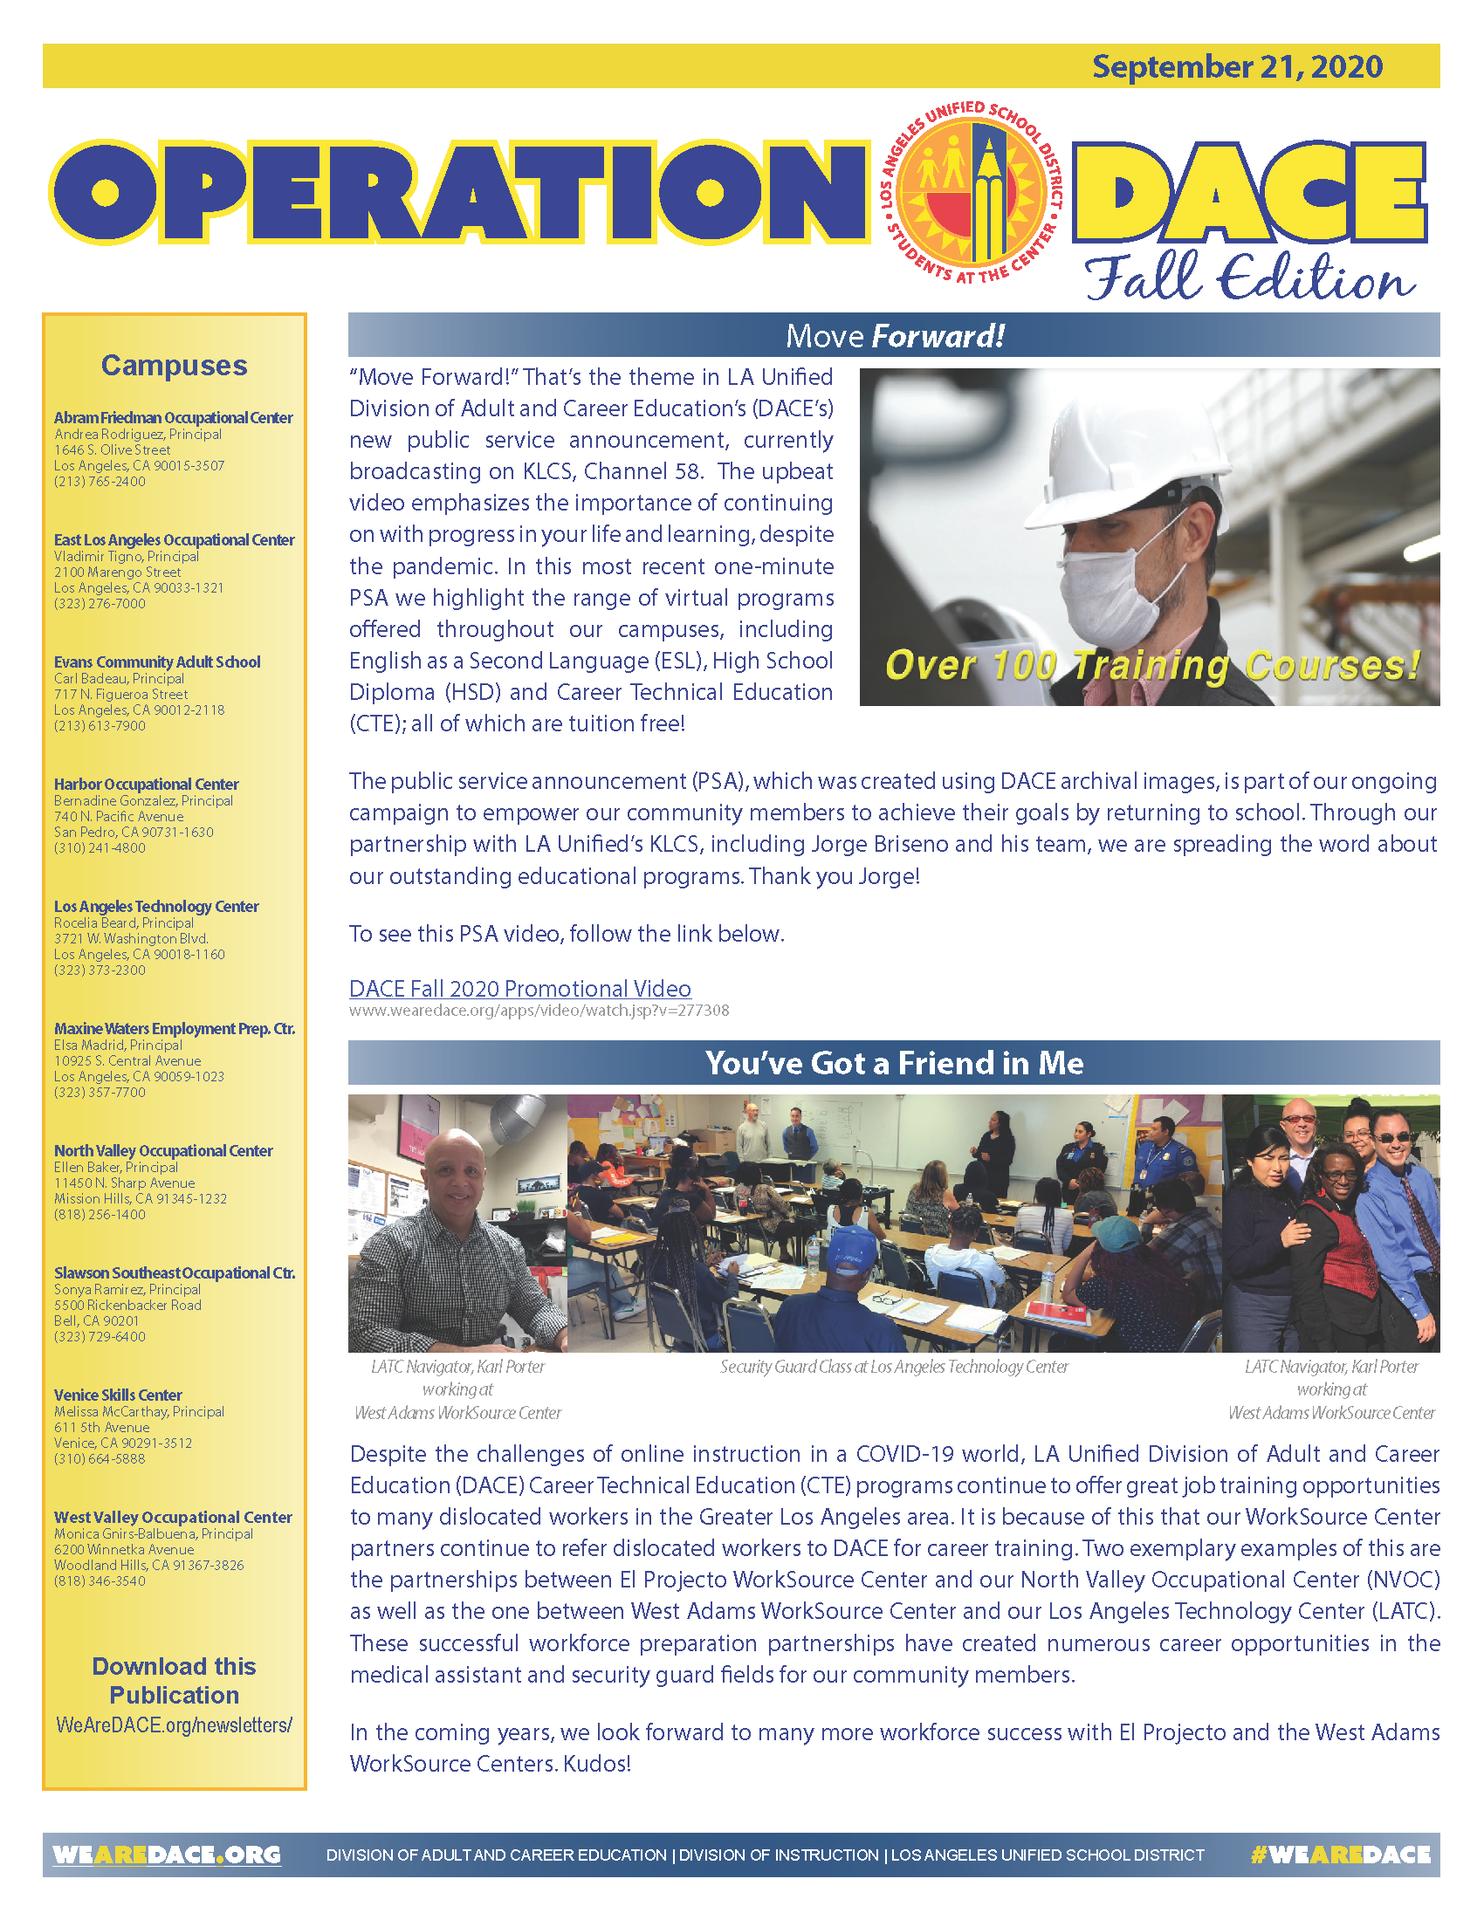 DACE Newsletter - September 21, 2020 Thumbnail